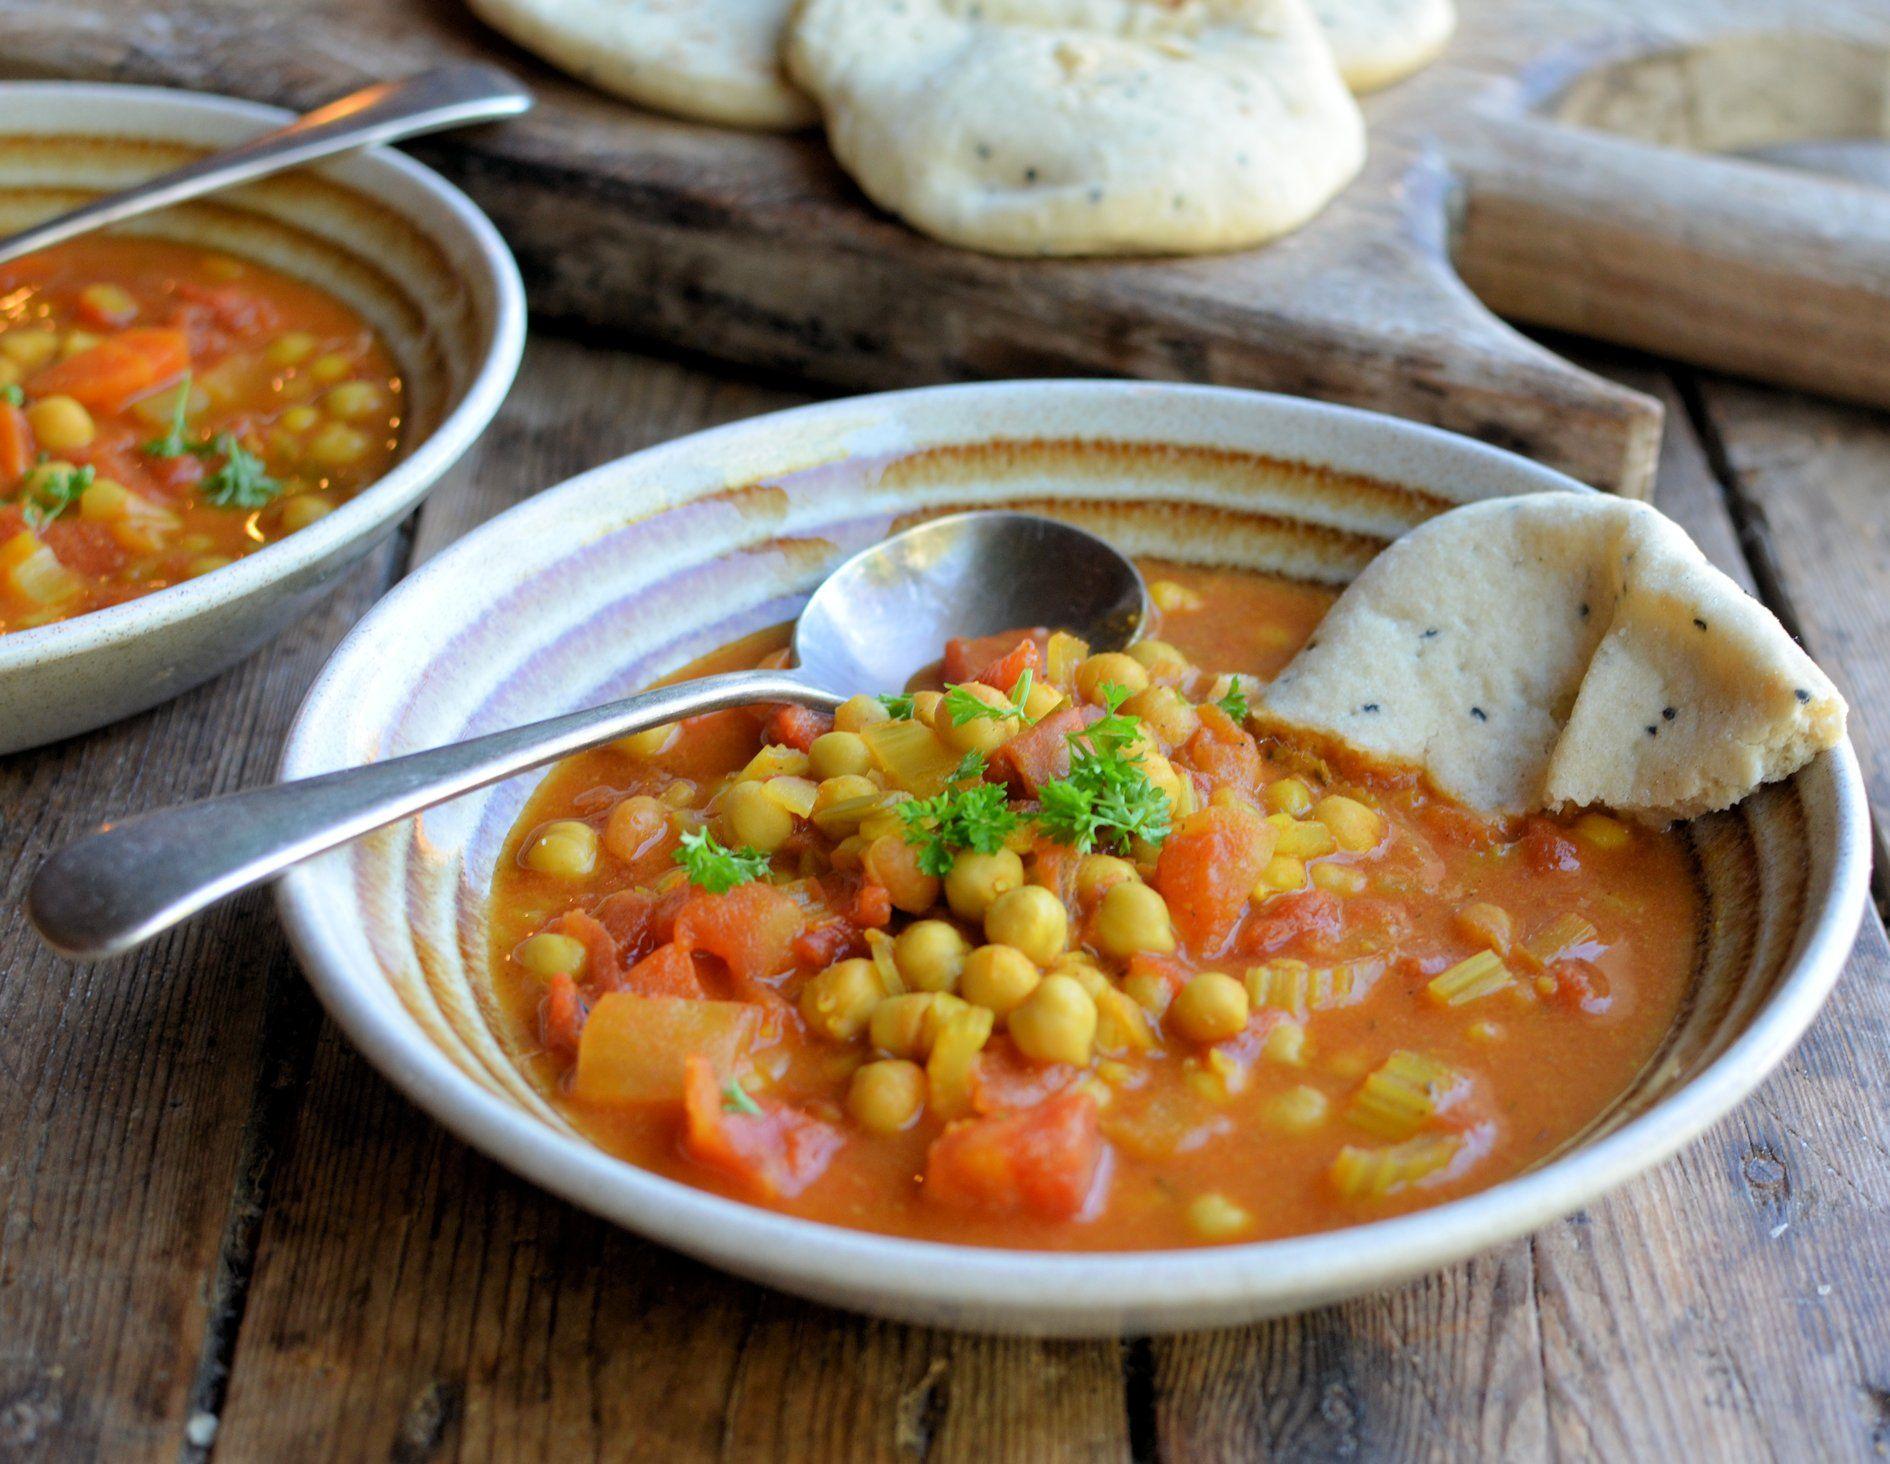 Вегетарианские Супы Диета 5. Вегетарианские супы рецепты при диете 5